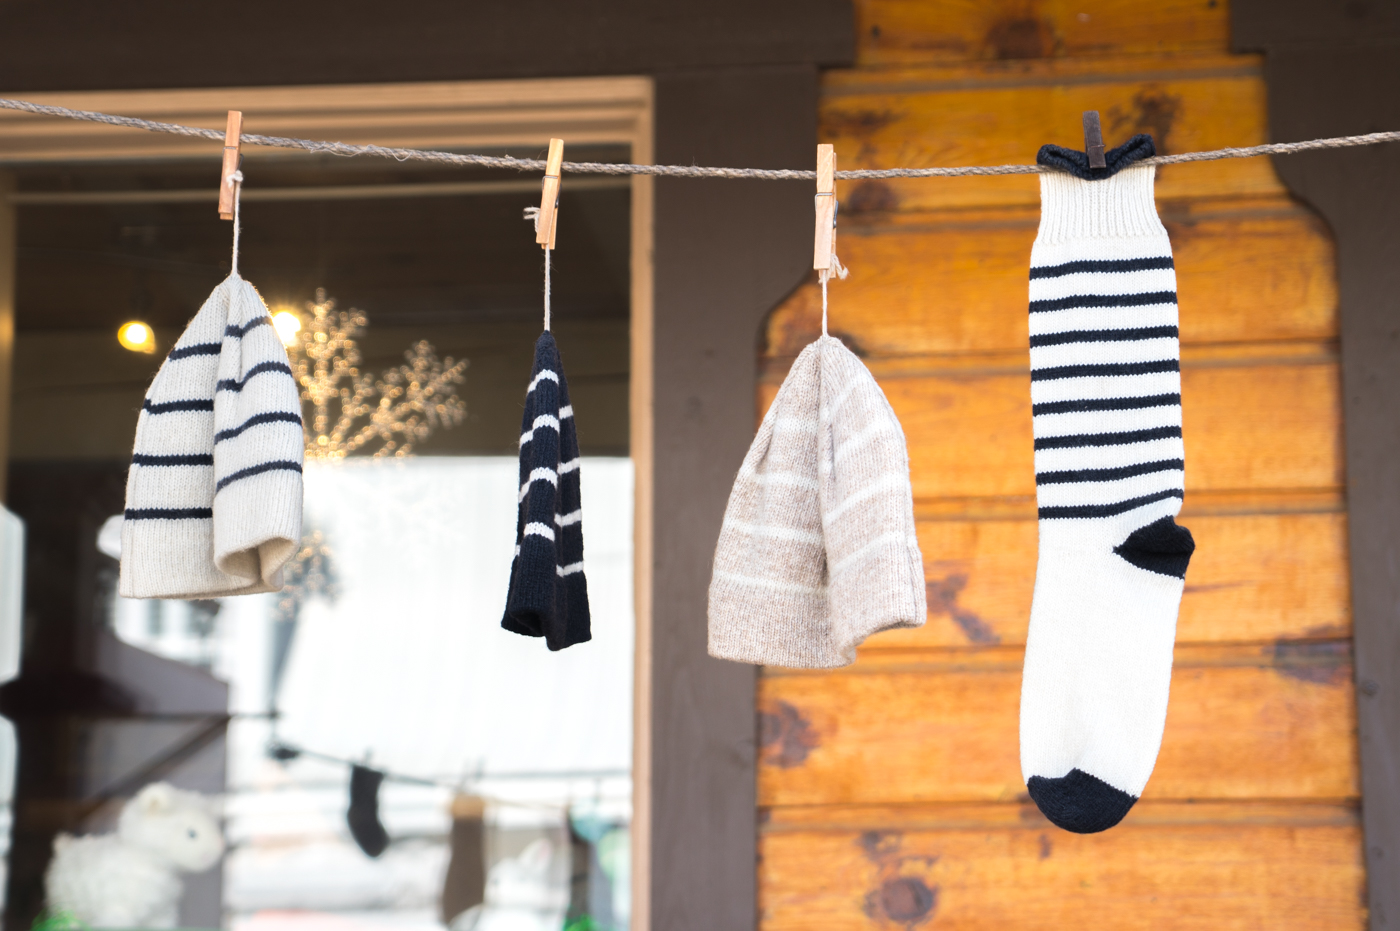 Chaussettes d'artisans de laine à Baie-St-Paul